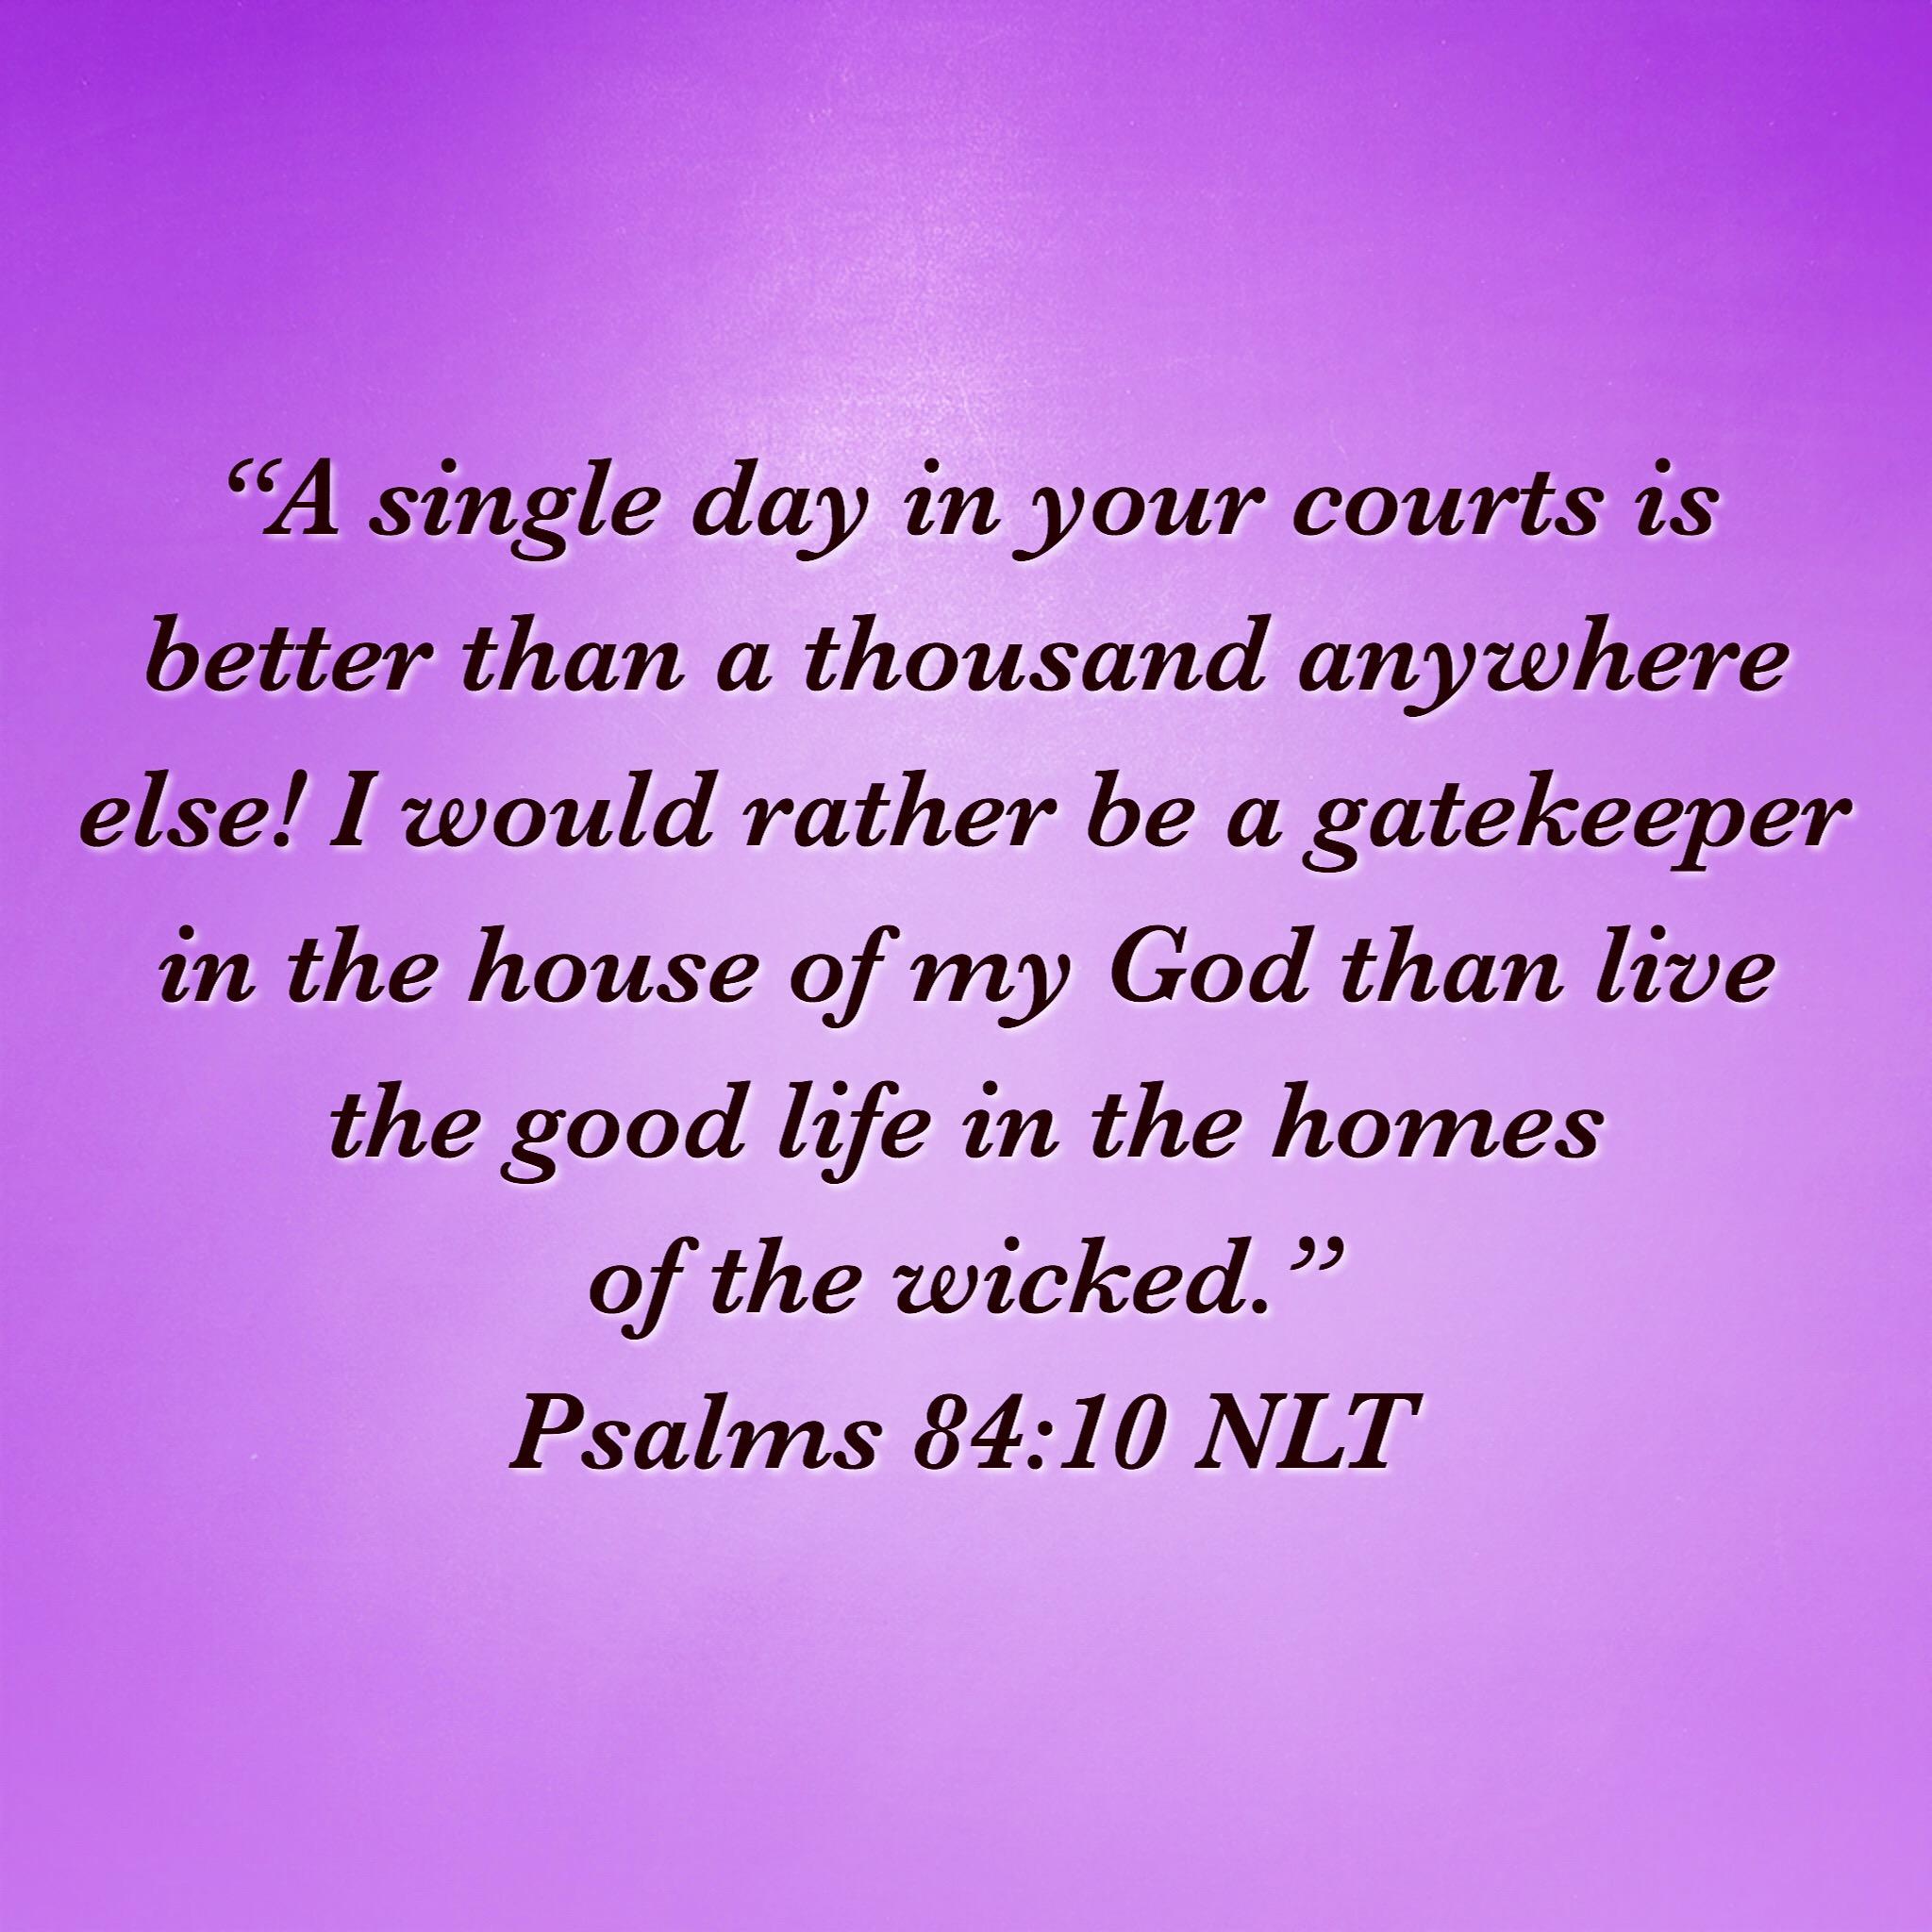 Psalms 84:10